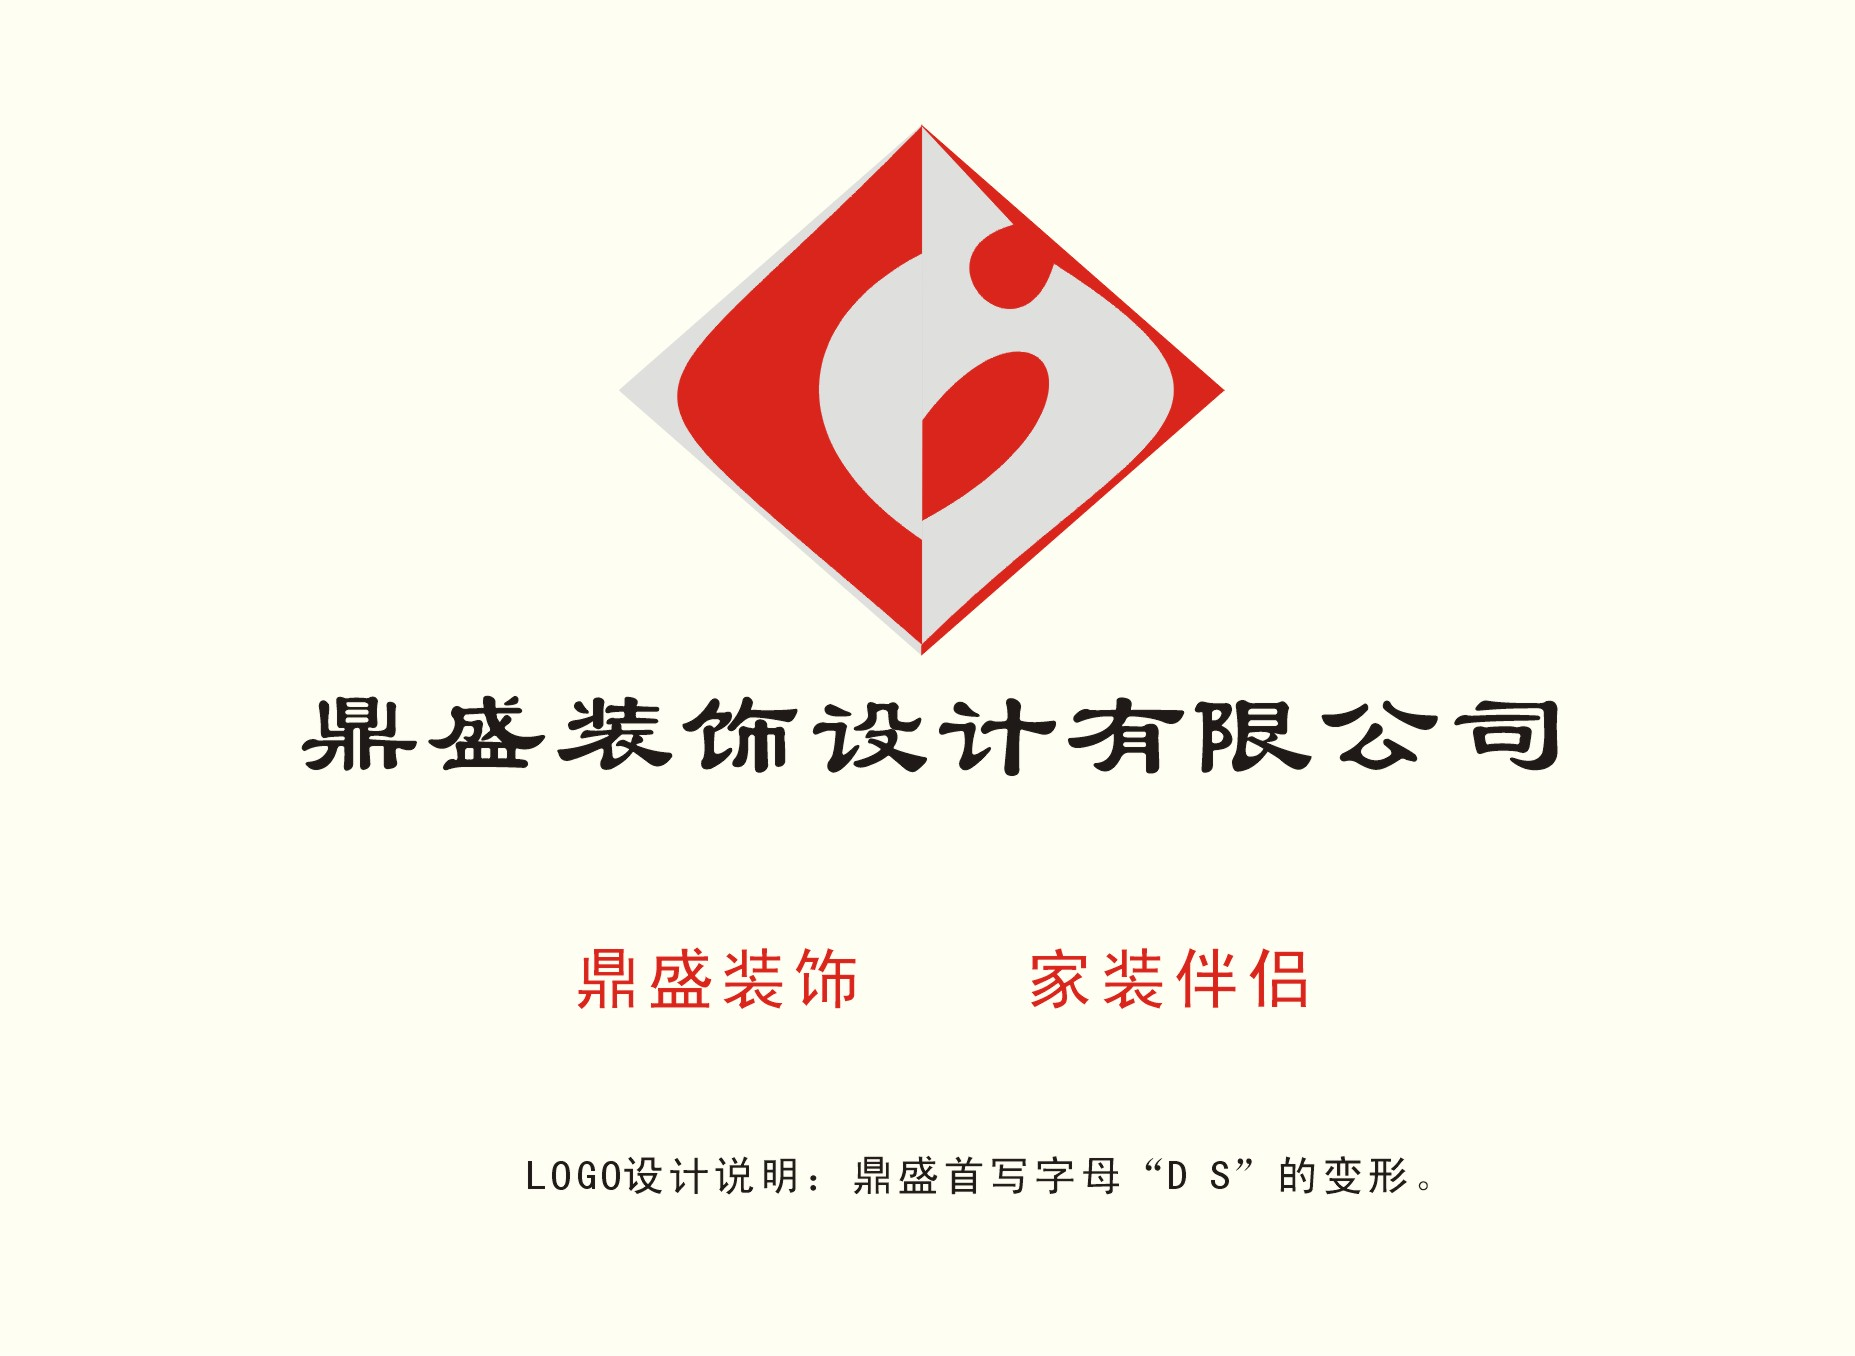 起个标识和广告语v标识名称LOGO_200元汉川家庭装修设计图片